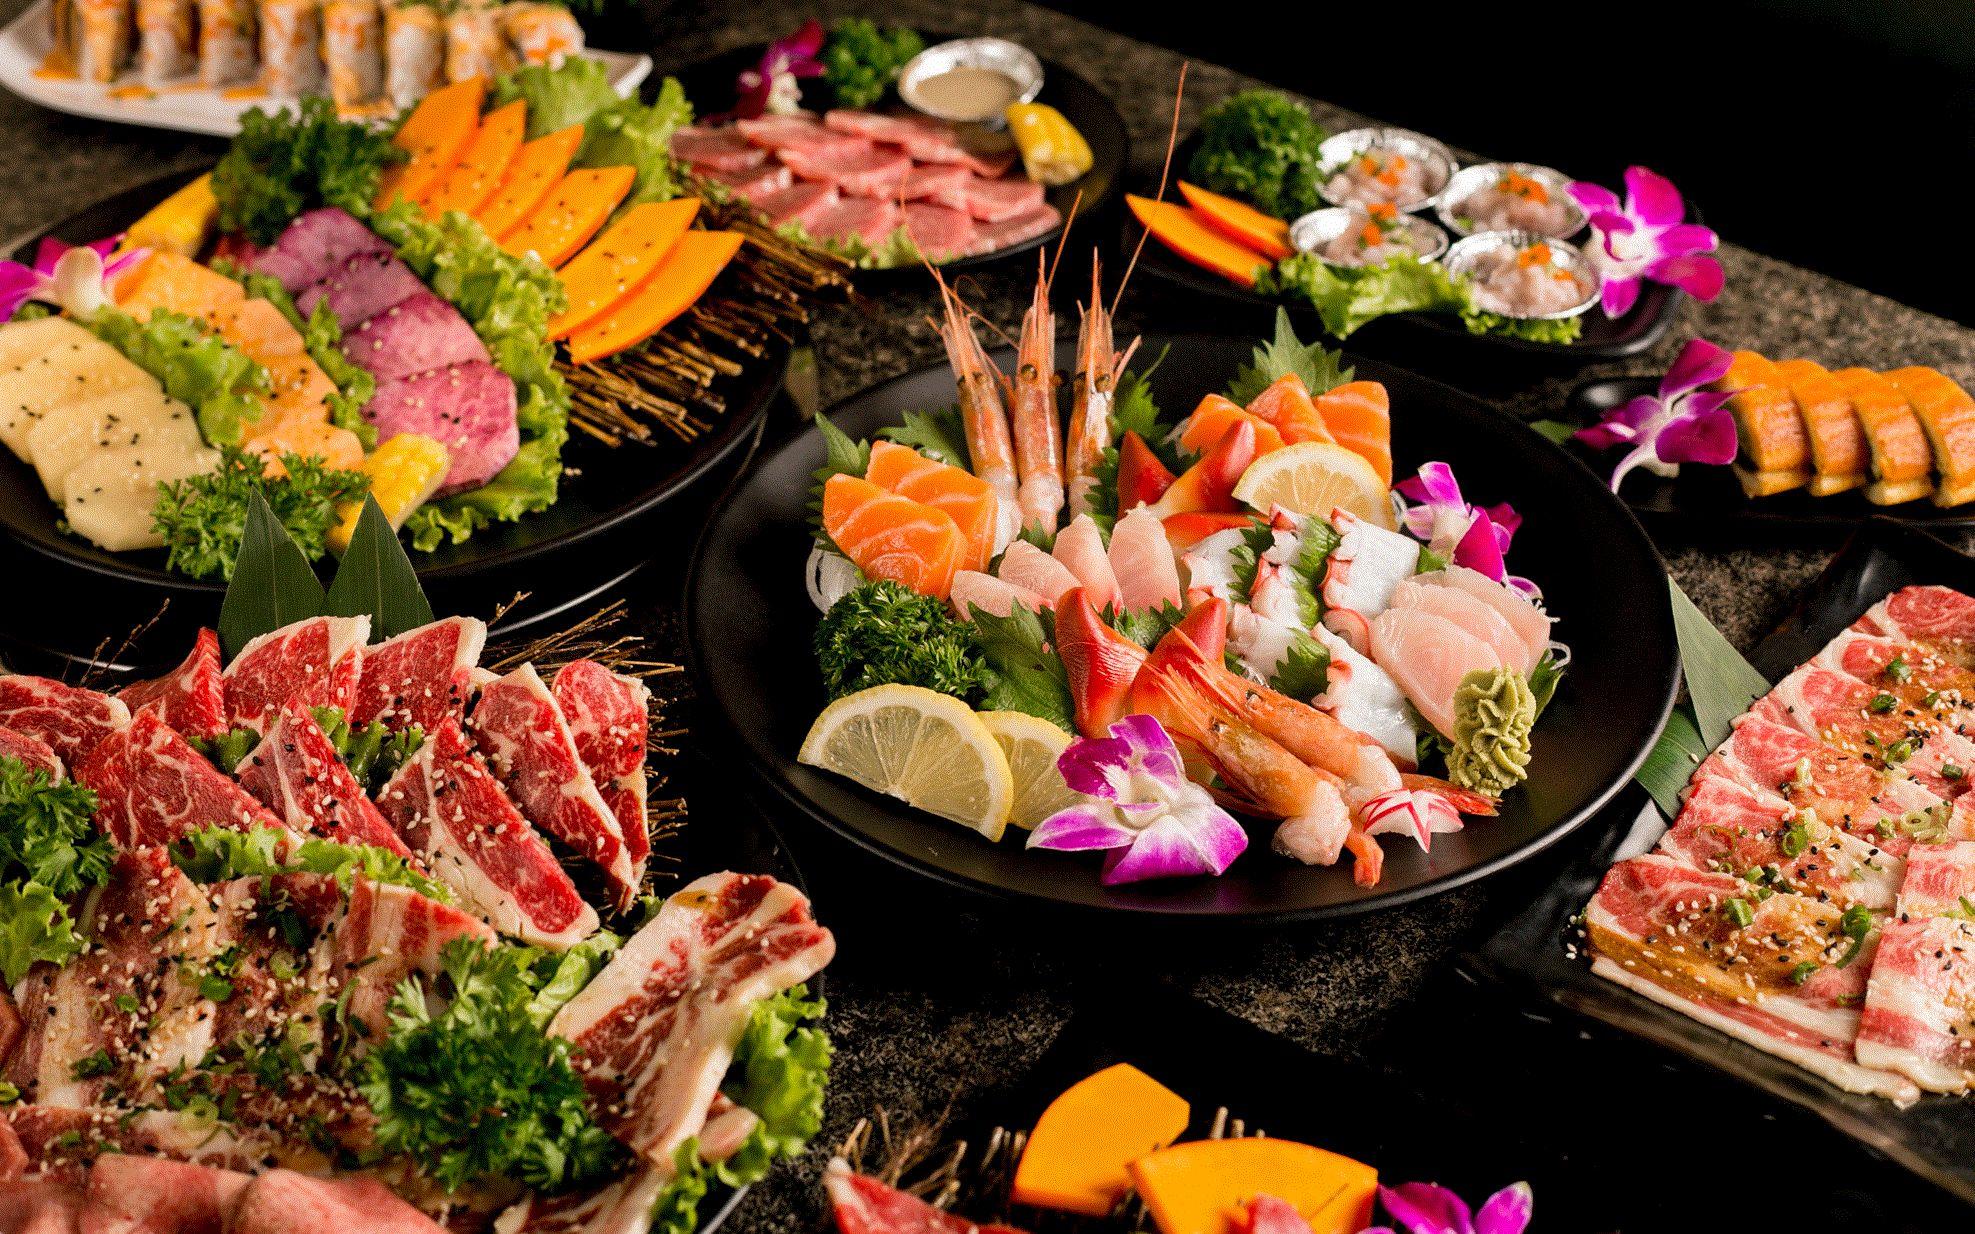 确认过一切,是津城最高性价比的日式烤肉店了!趁五折不用捂紧钱包也能吃到撑!更有88元雪花眼肉到店就白送!